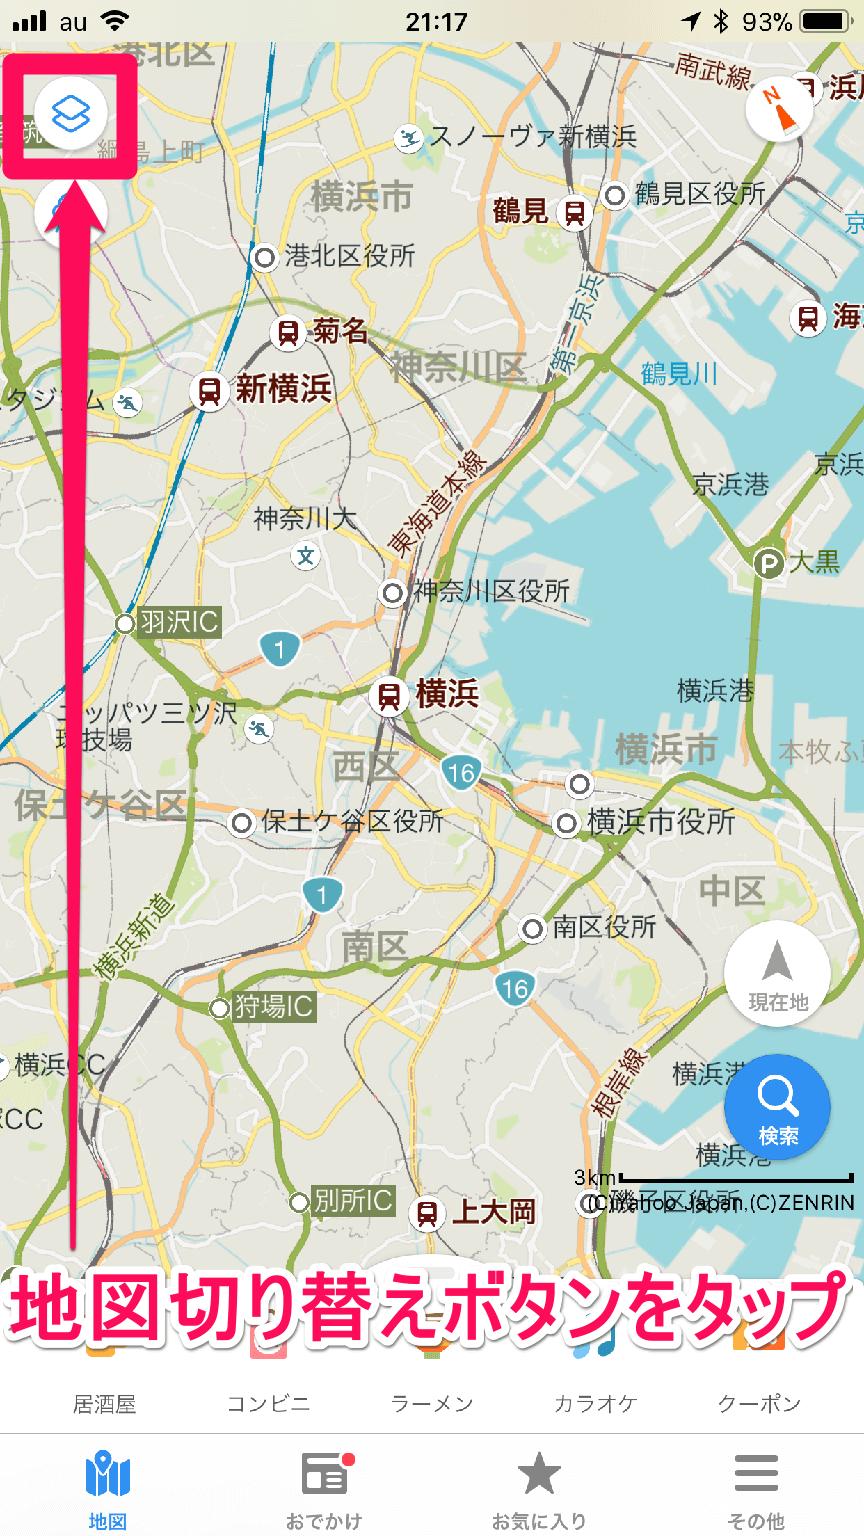 iPhone(アイフォーン)の[Yahoo! MAP]アプリ(ヤフーマップ)の画面